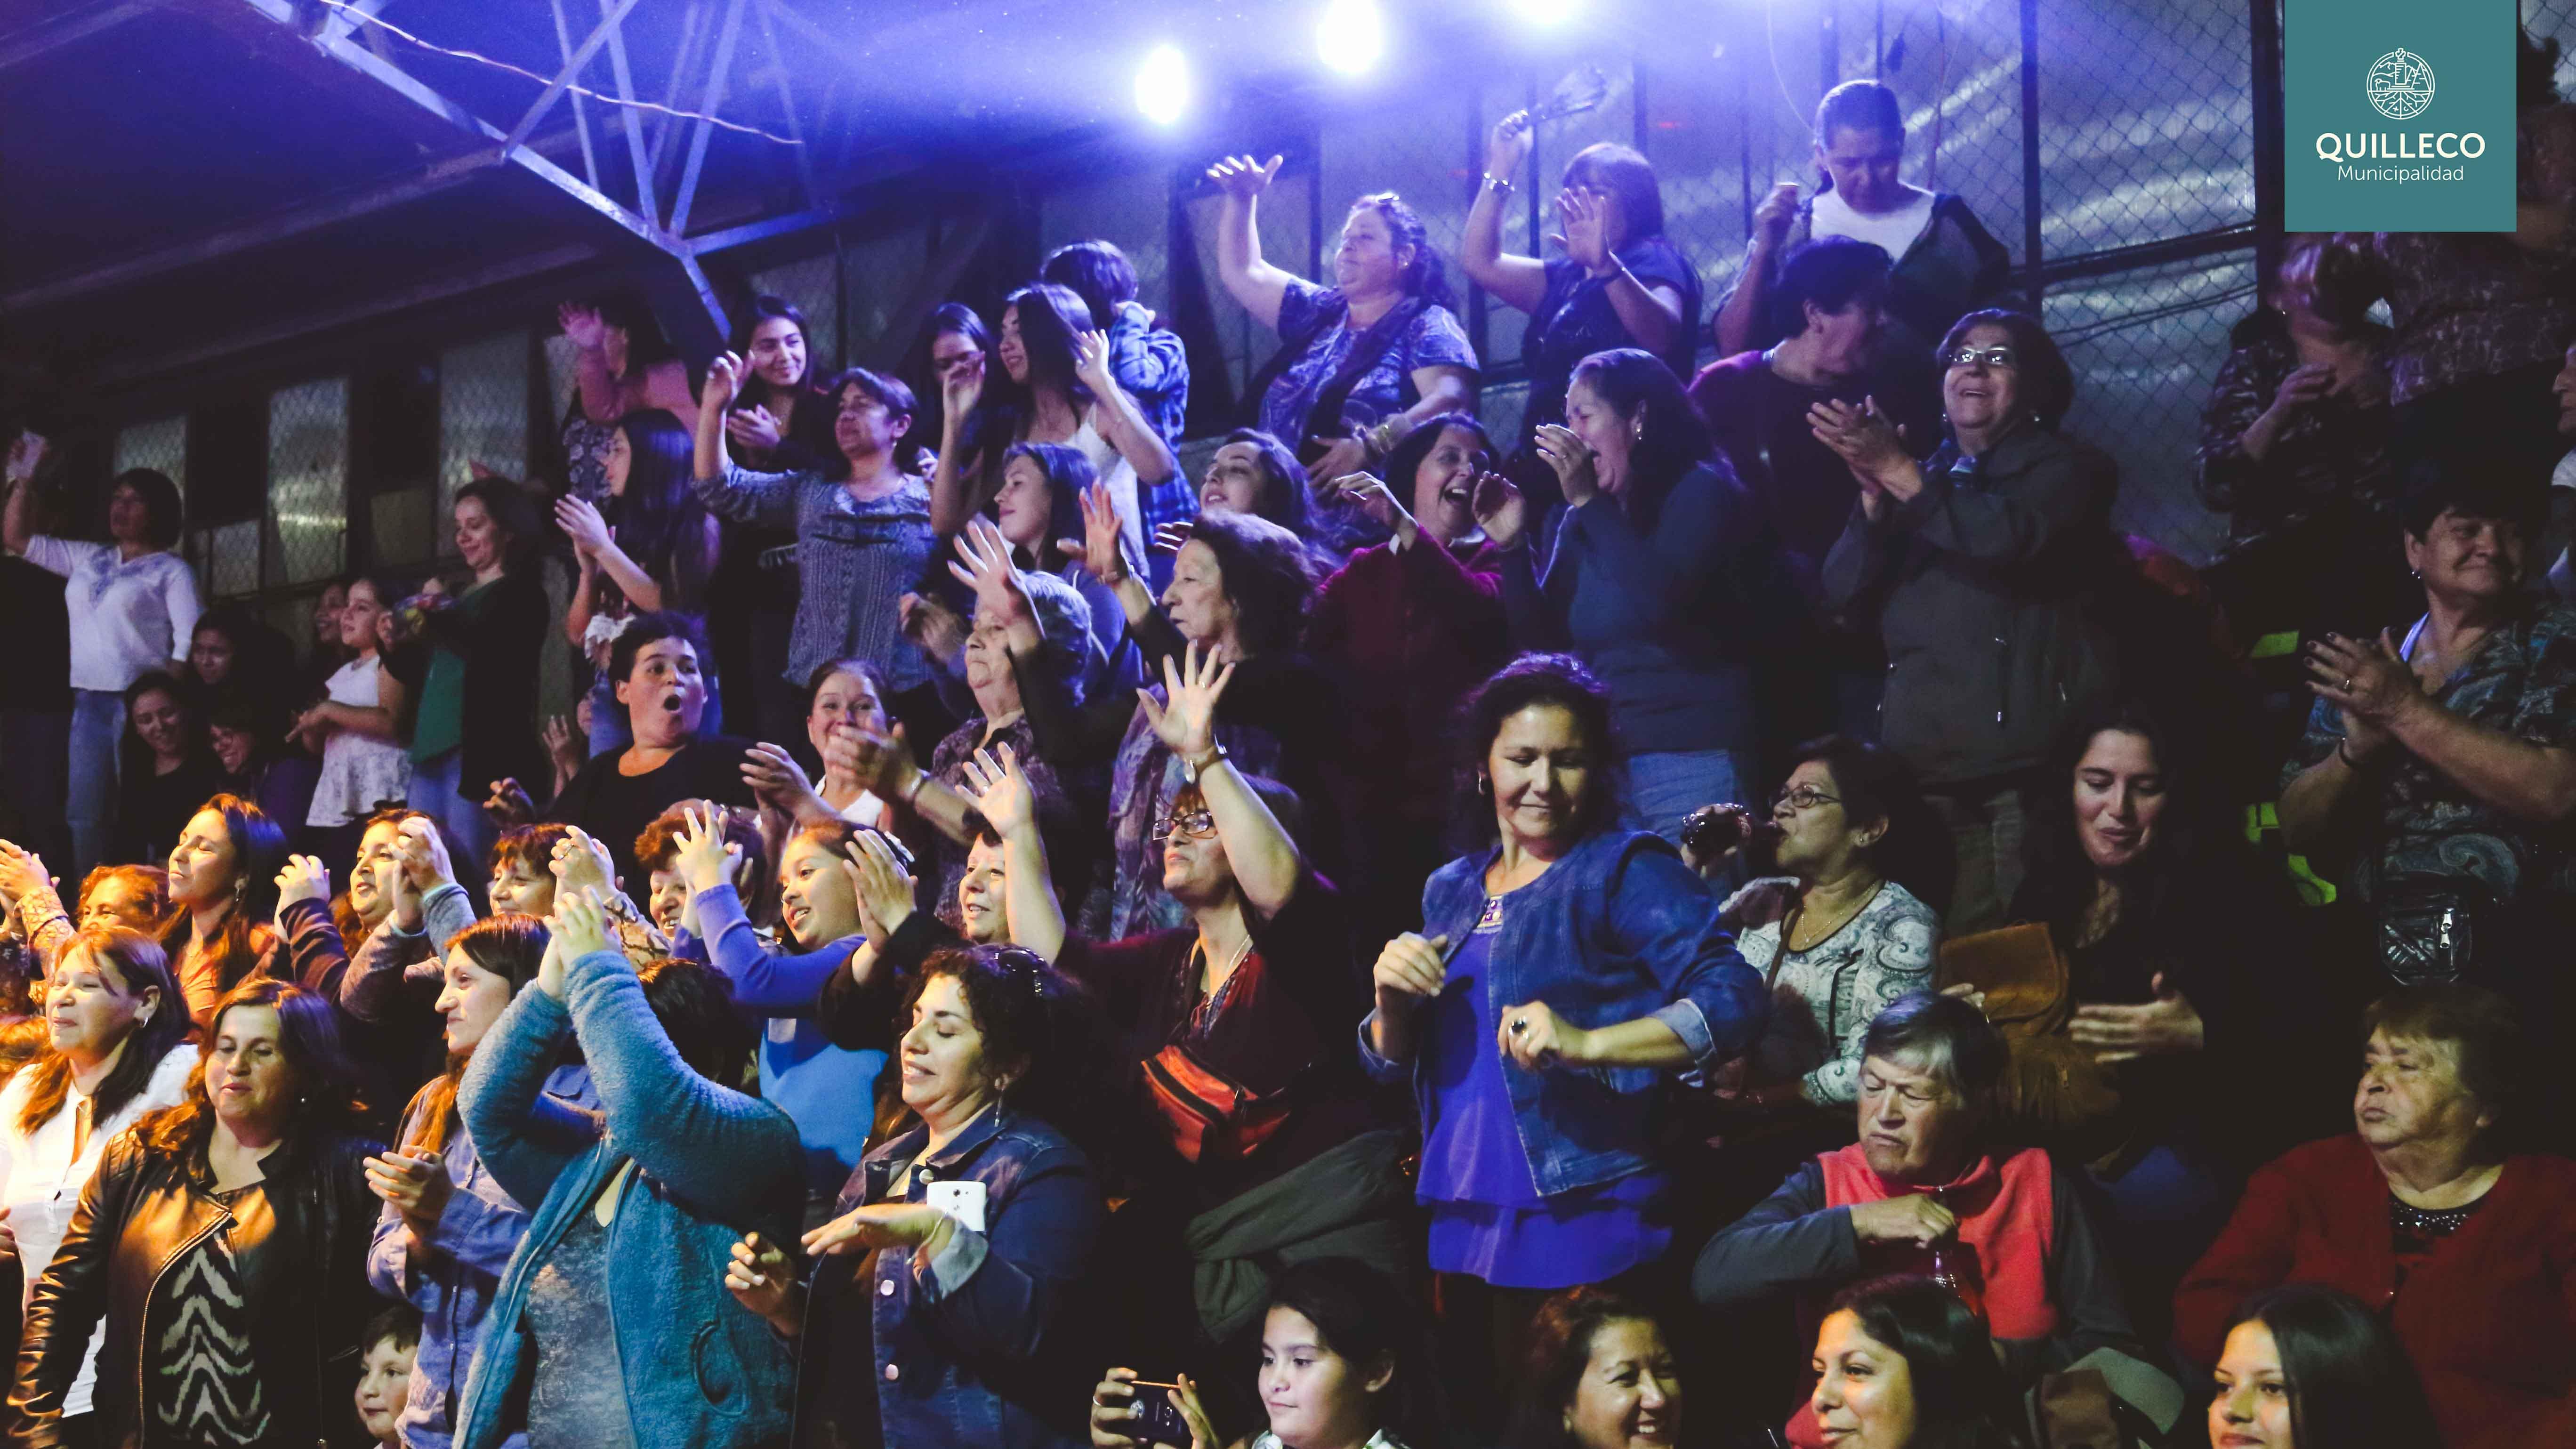 Celebración día de la mujer 2017 en la Comuna de Quilleco